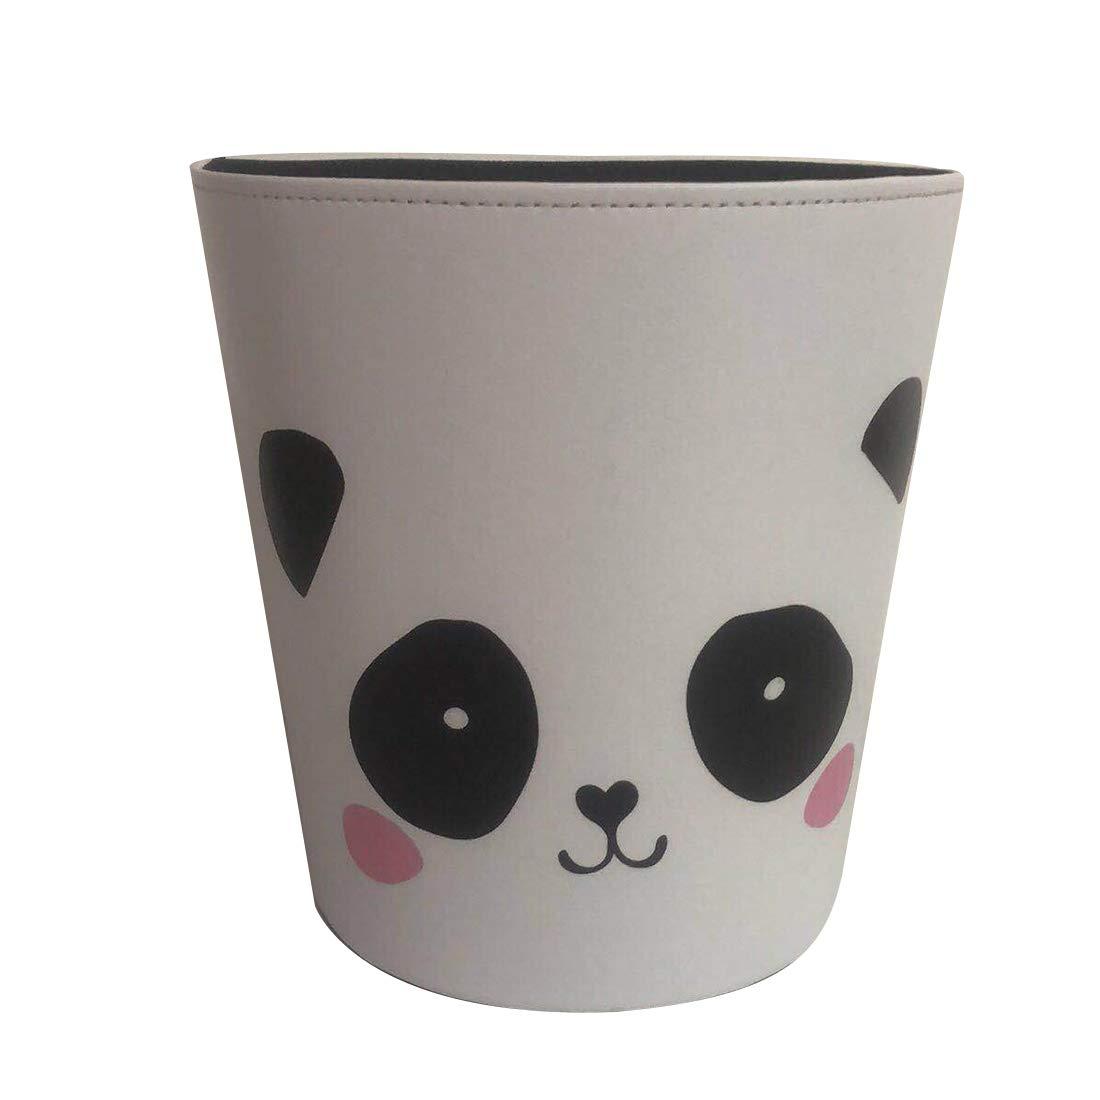 Mecotech Corbeille à Papiers Enfant - 10L Poubelle Enfant en Cuir PU Panda Motif - Décor de Chambre Bureau Cuisine Café - 27 x 25 x 20 cm